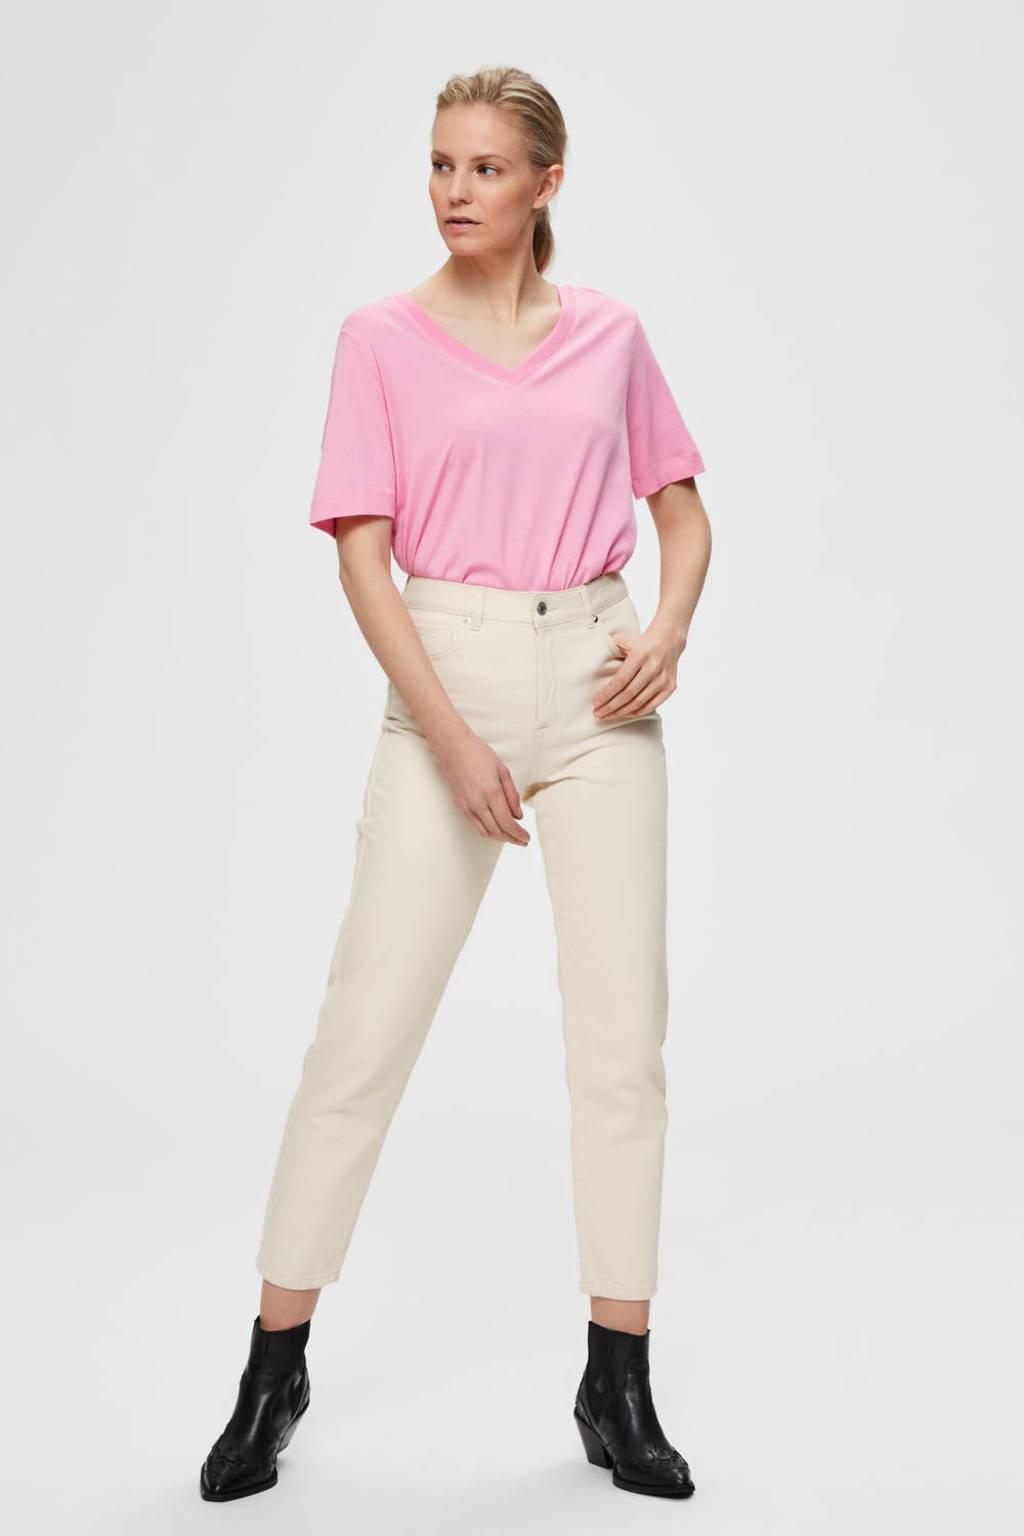 SELECTED FEMME T-shirt roze, Roze